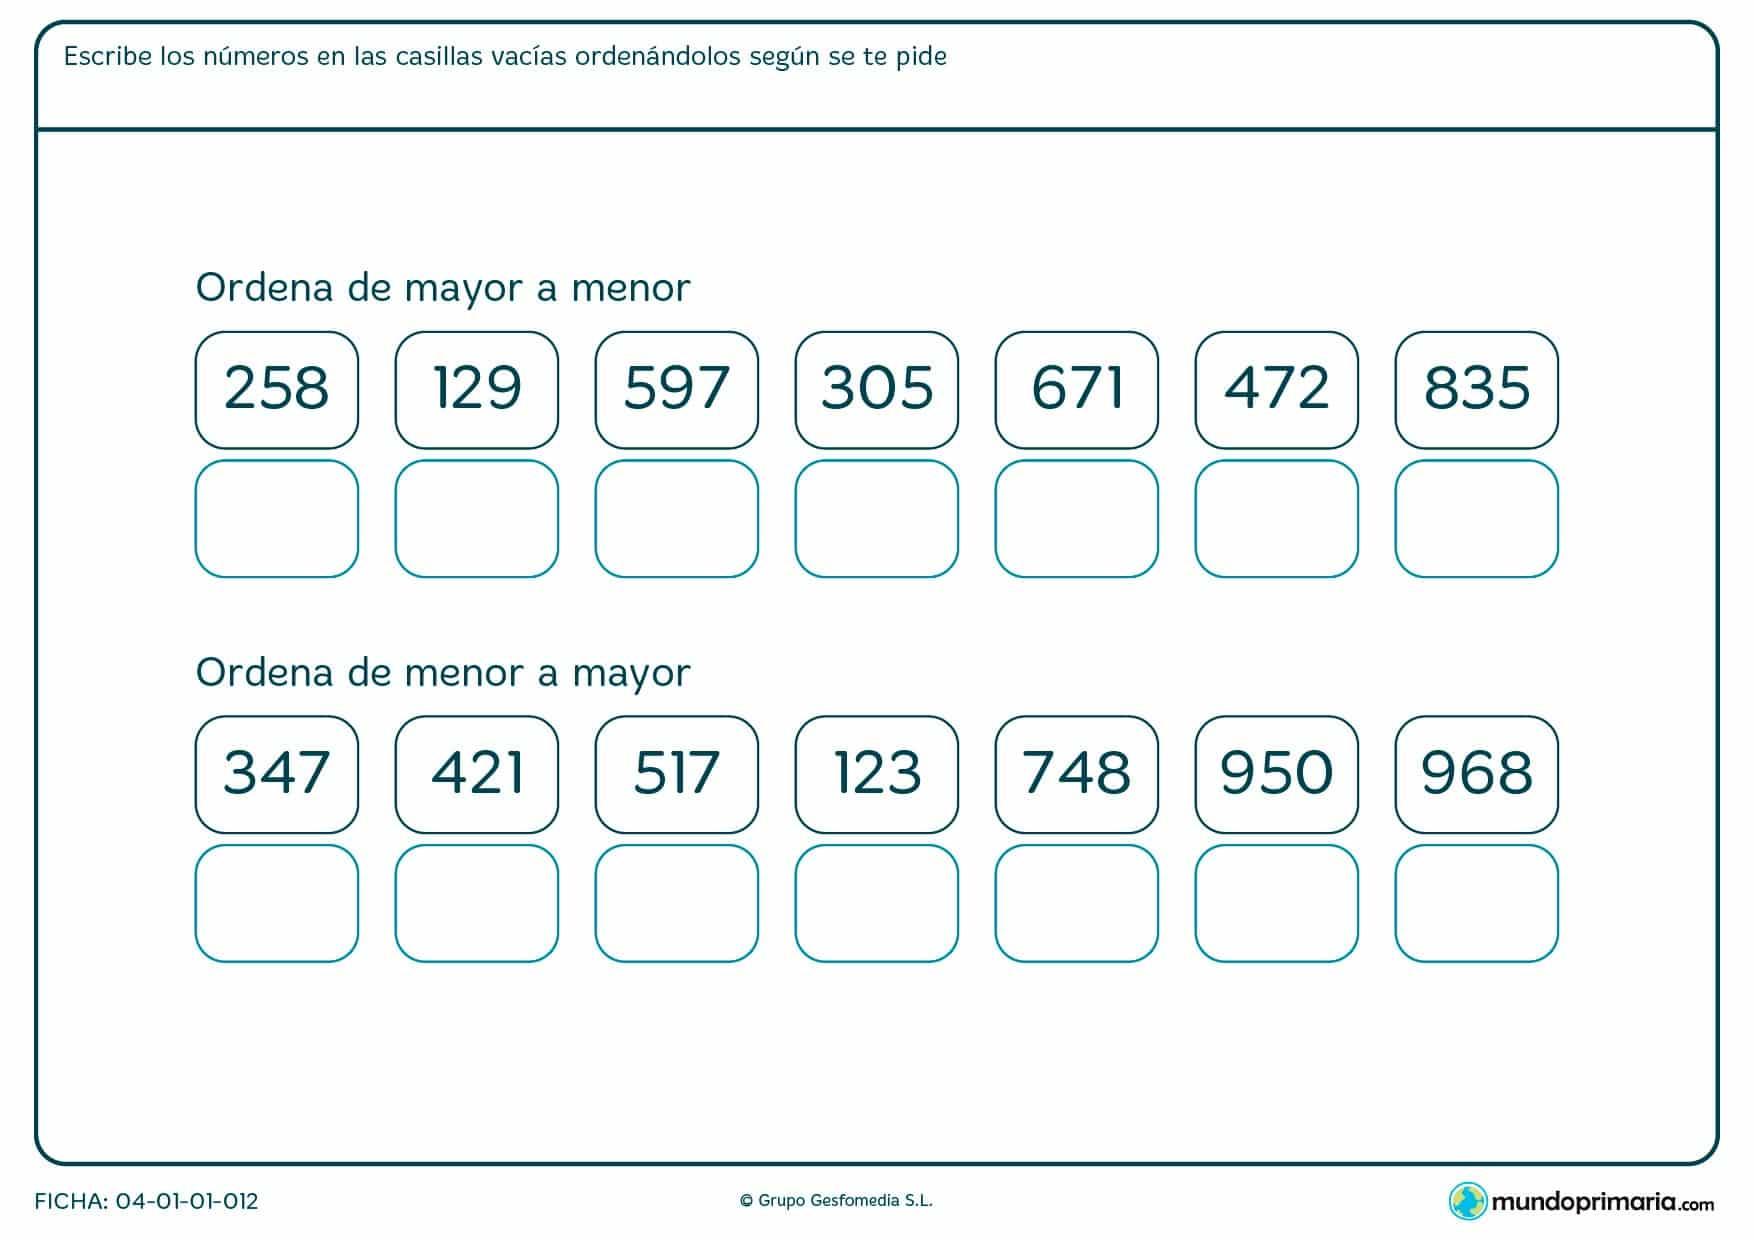 Ficha de ordenar números de mayor a menor o viceversa escribiéndolos en orden en las casillas vacías.